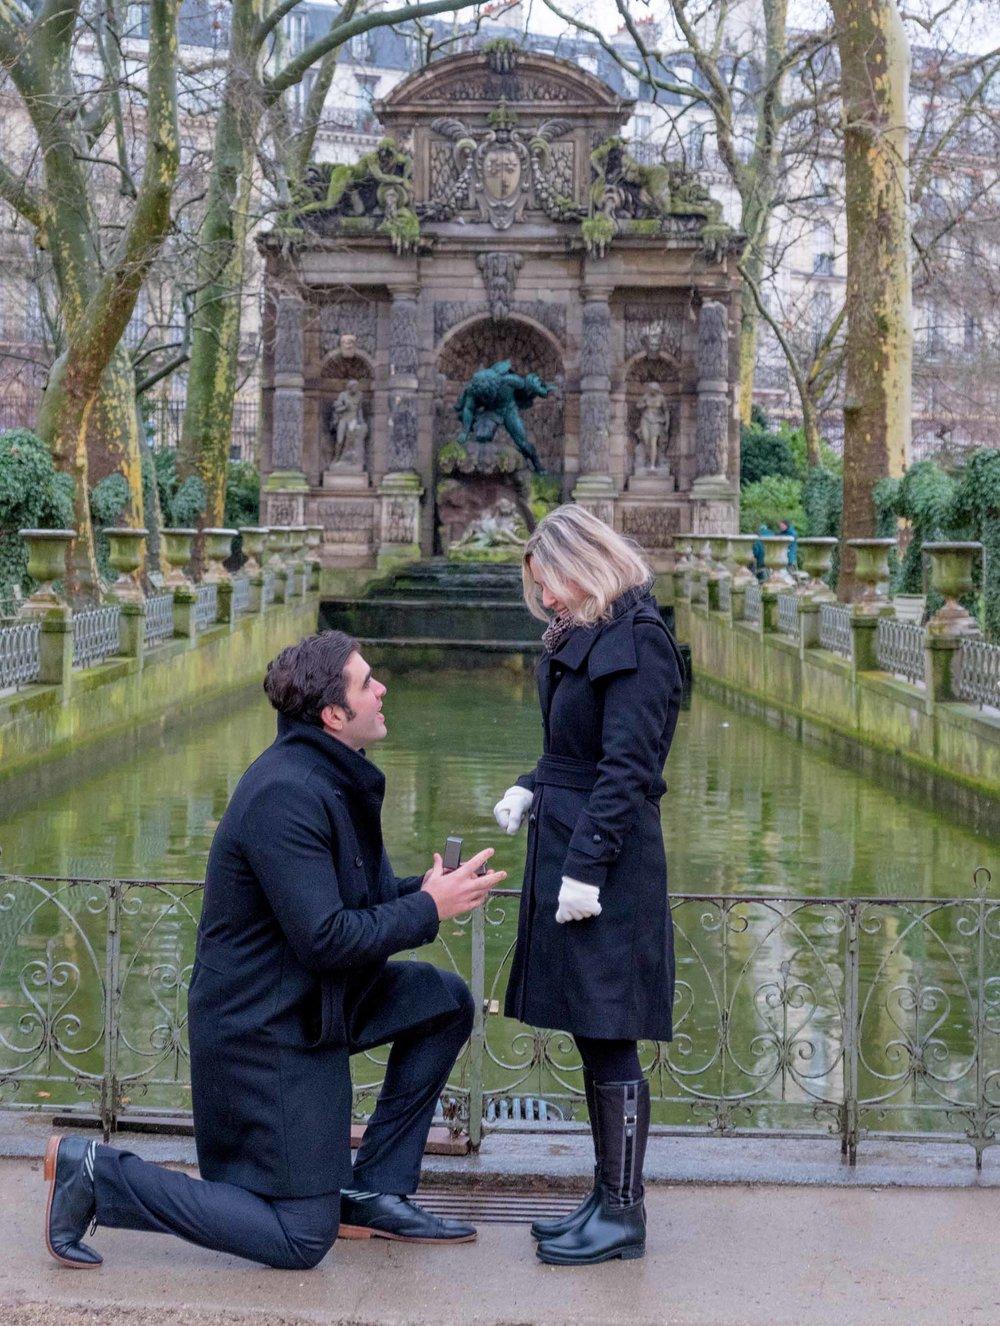 surprise proposal luxembourg gardens paris france